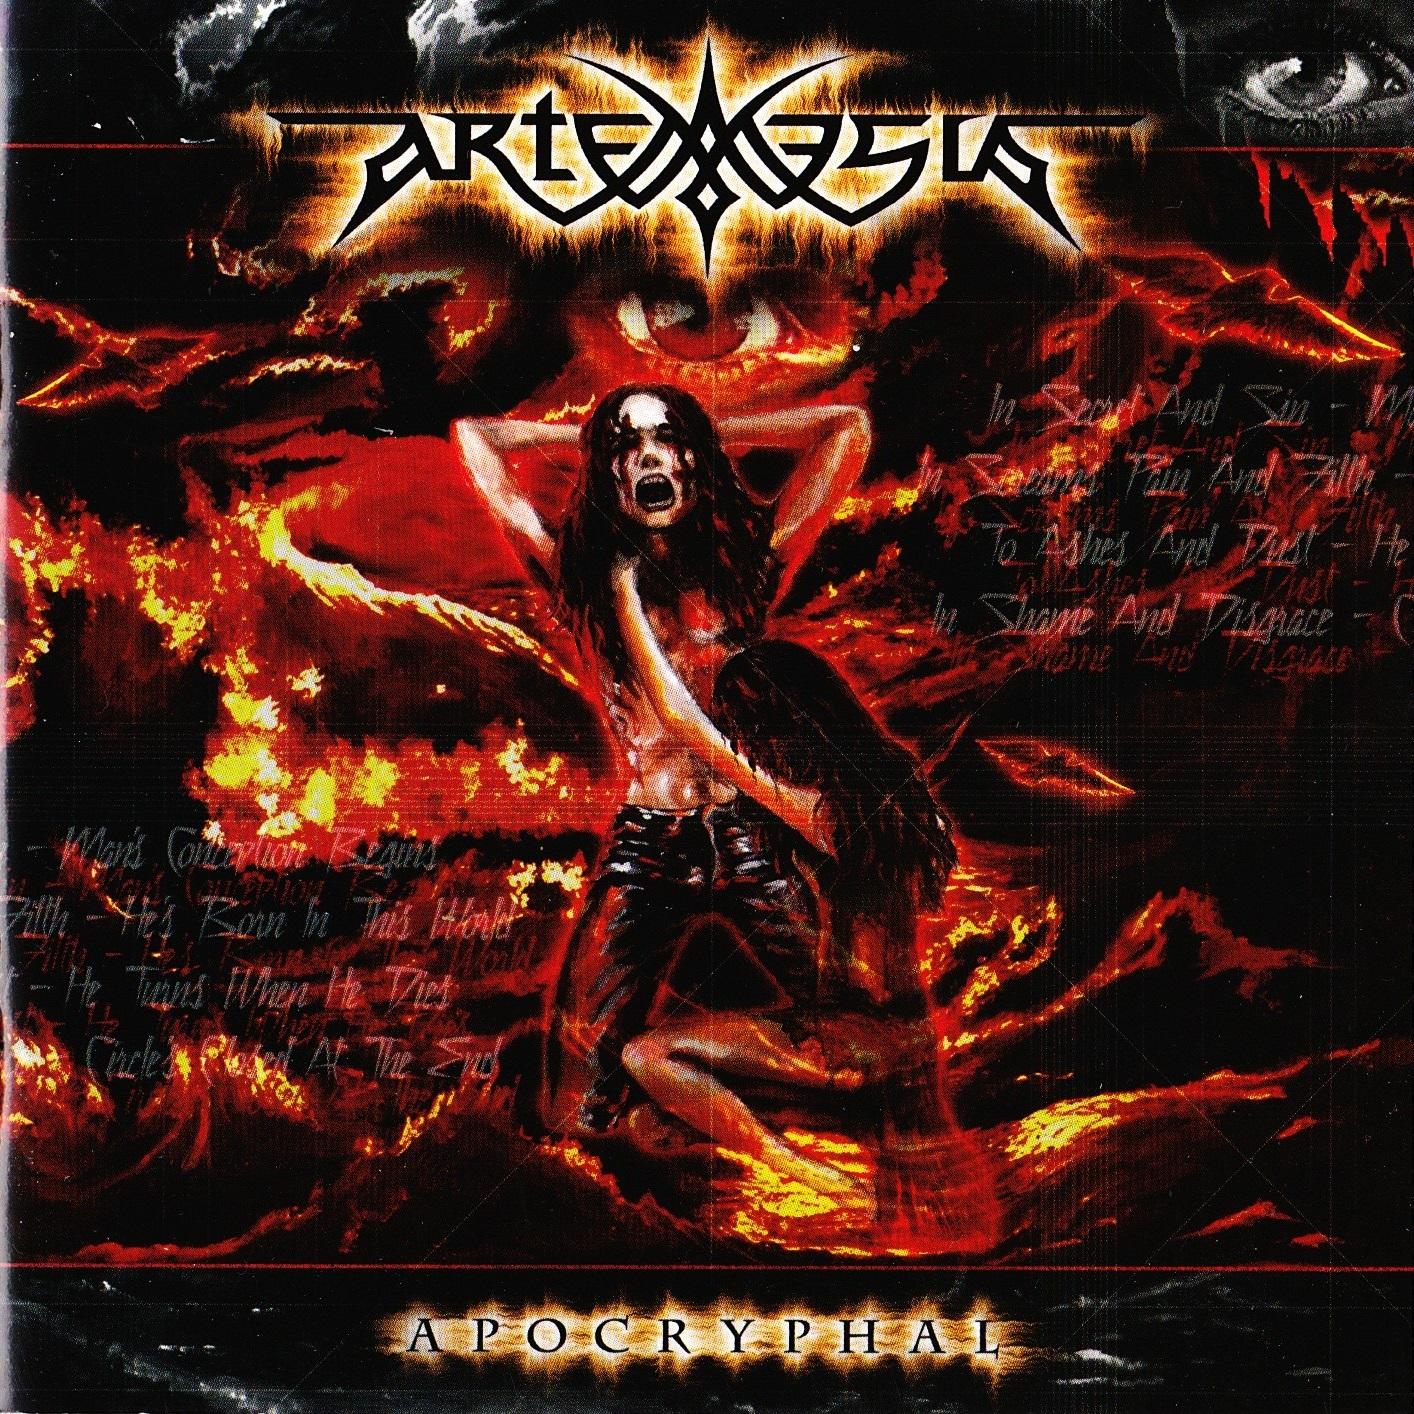 Artemesia — Apocryphal (2003)